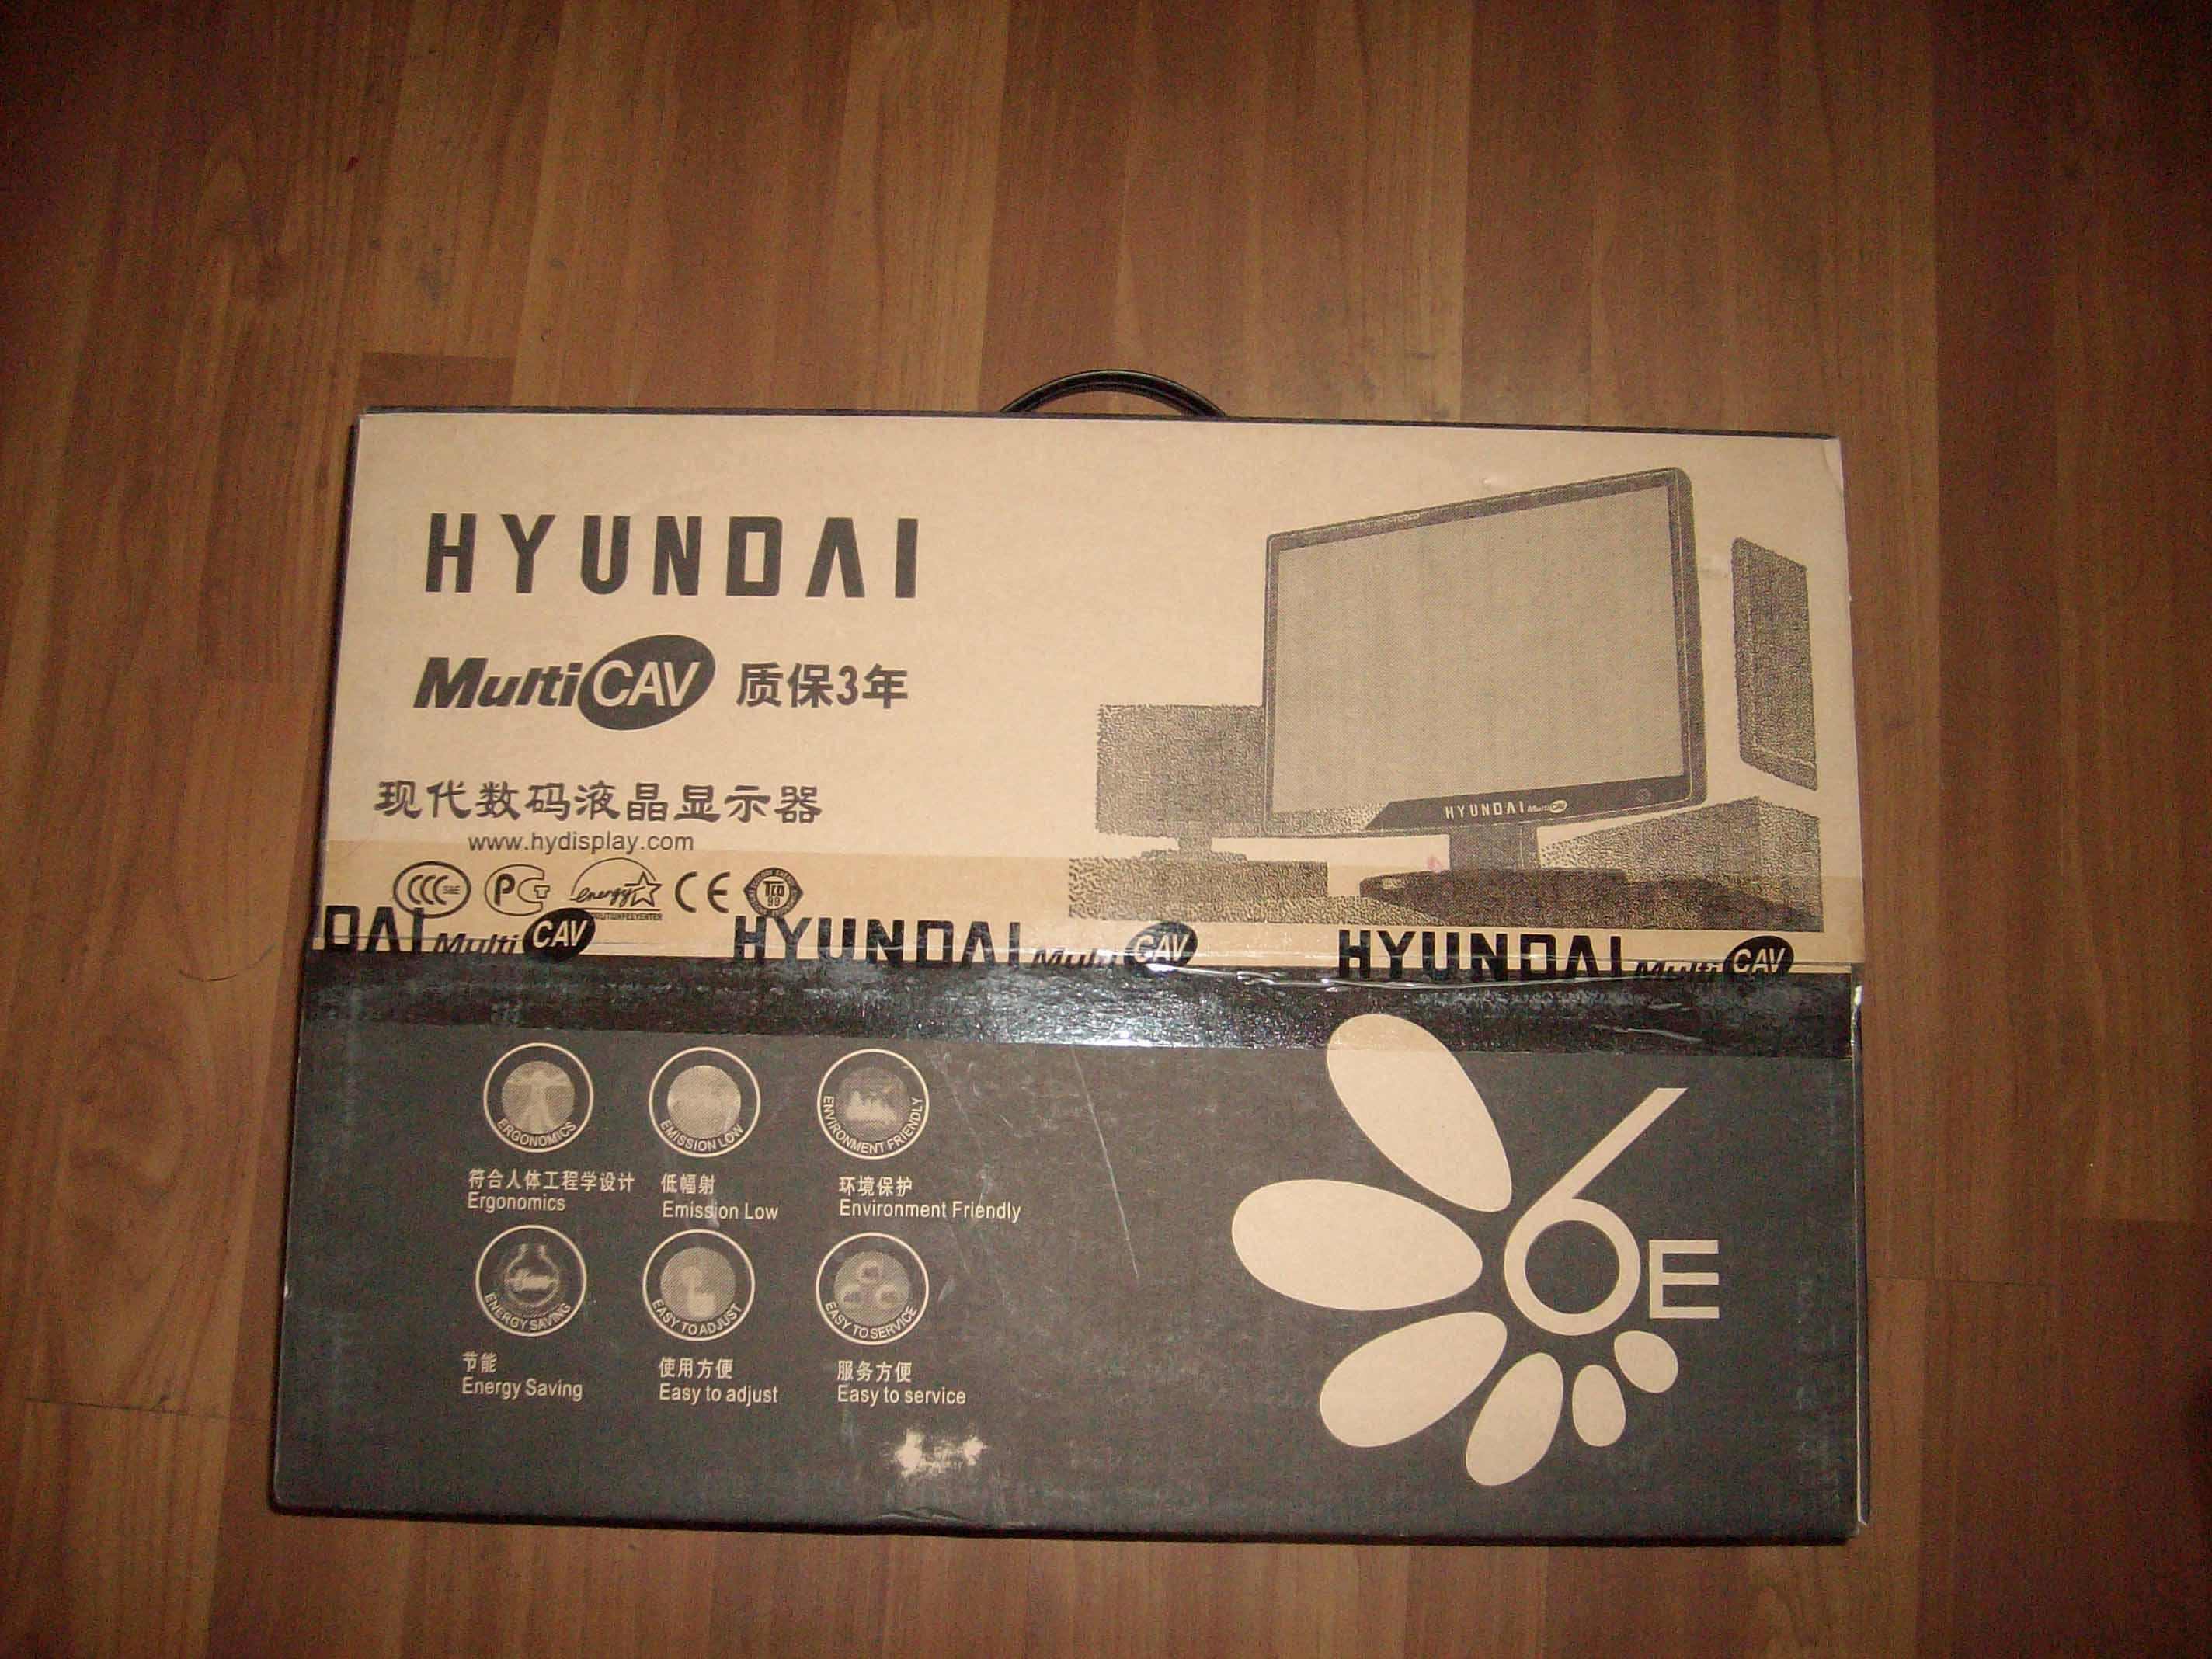 19液晶显示器宽,19寸液晶显示器,三星19寸液晶显示器